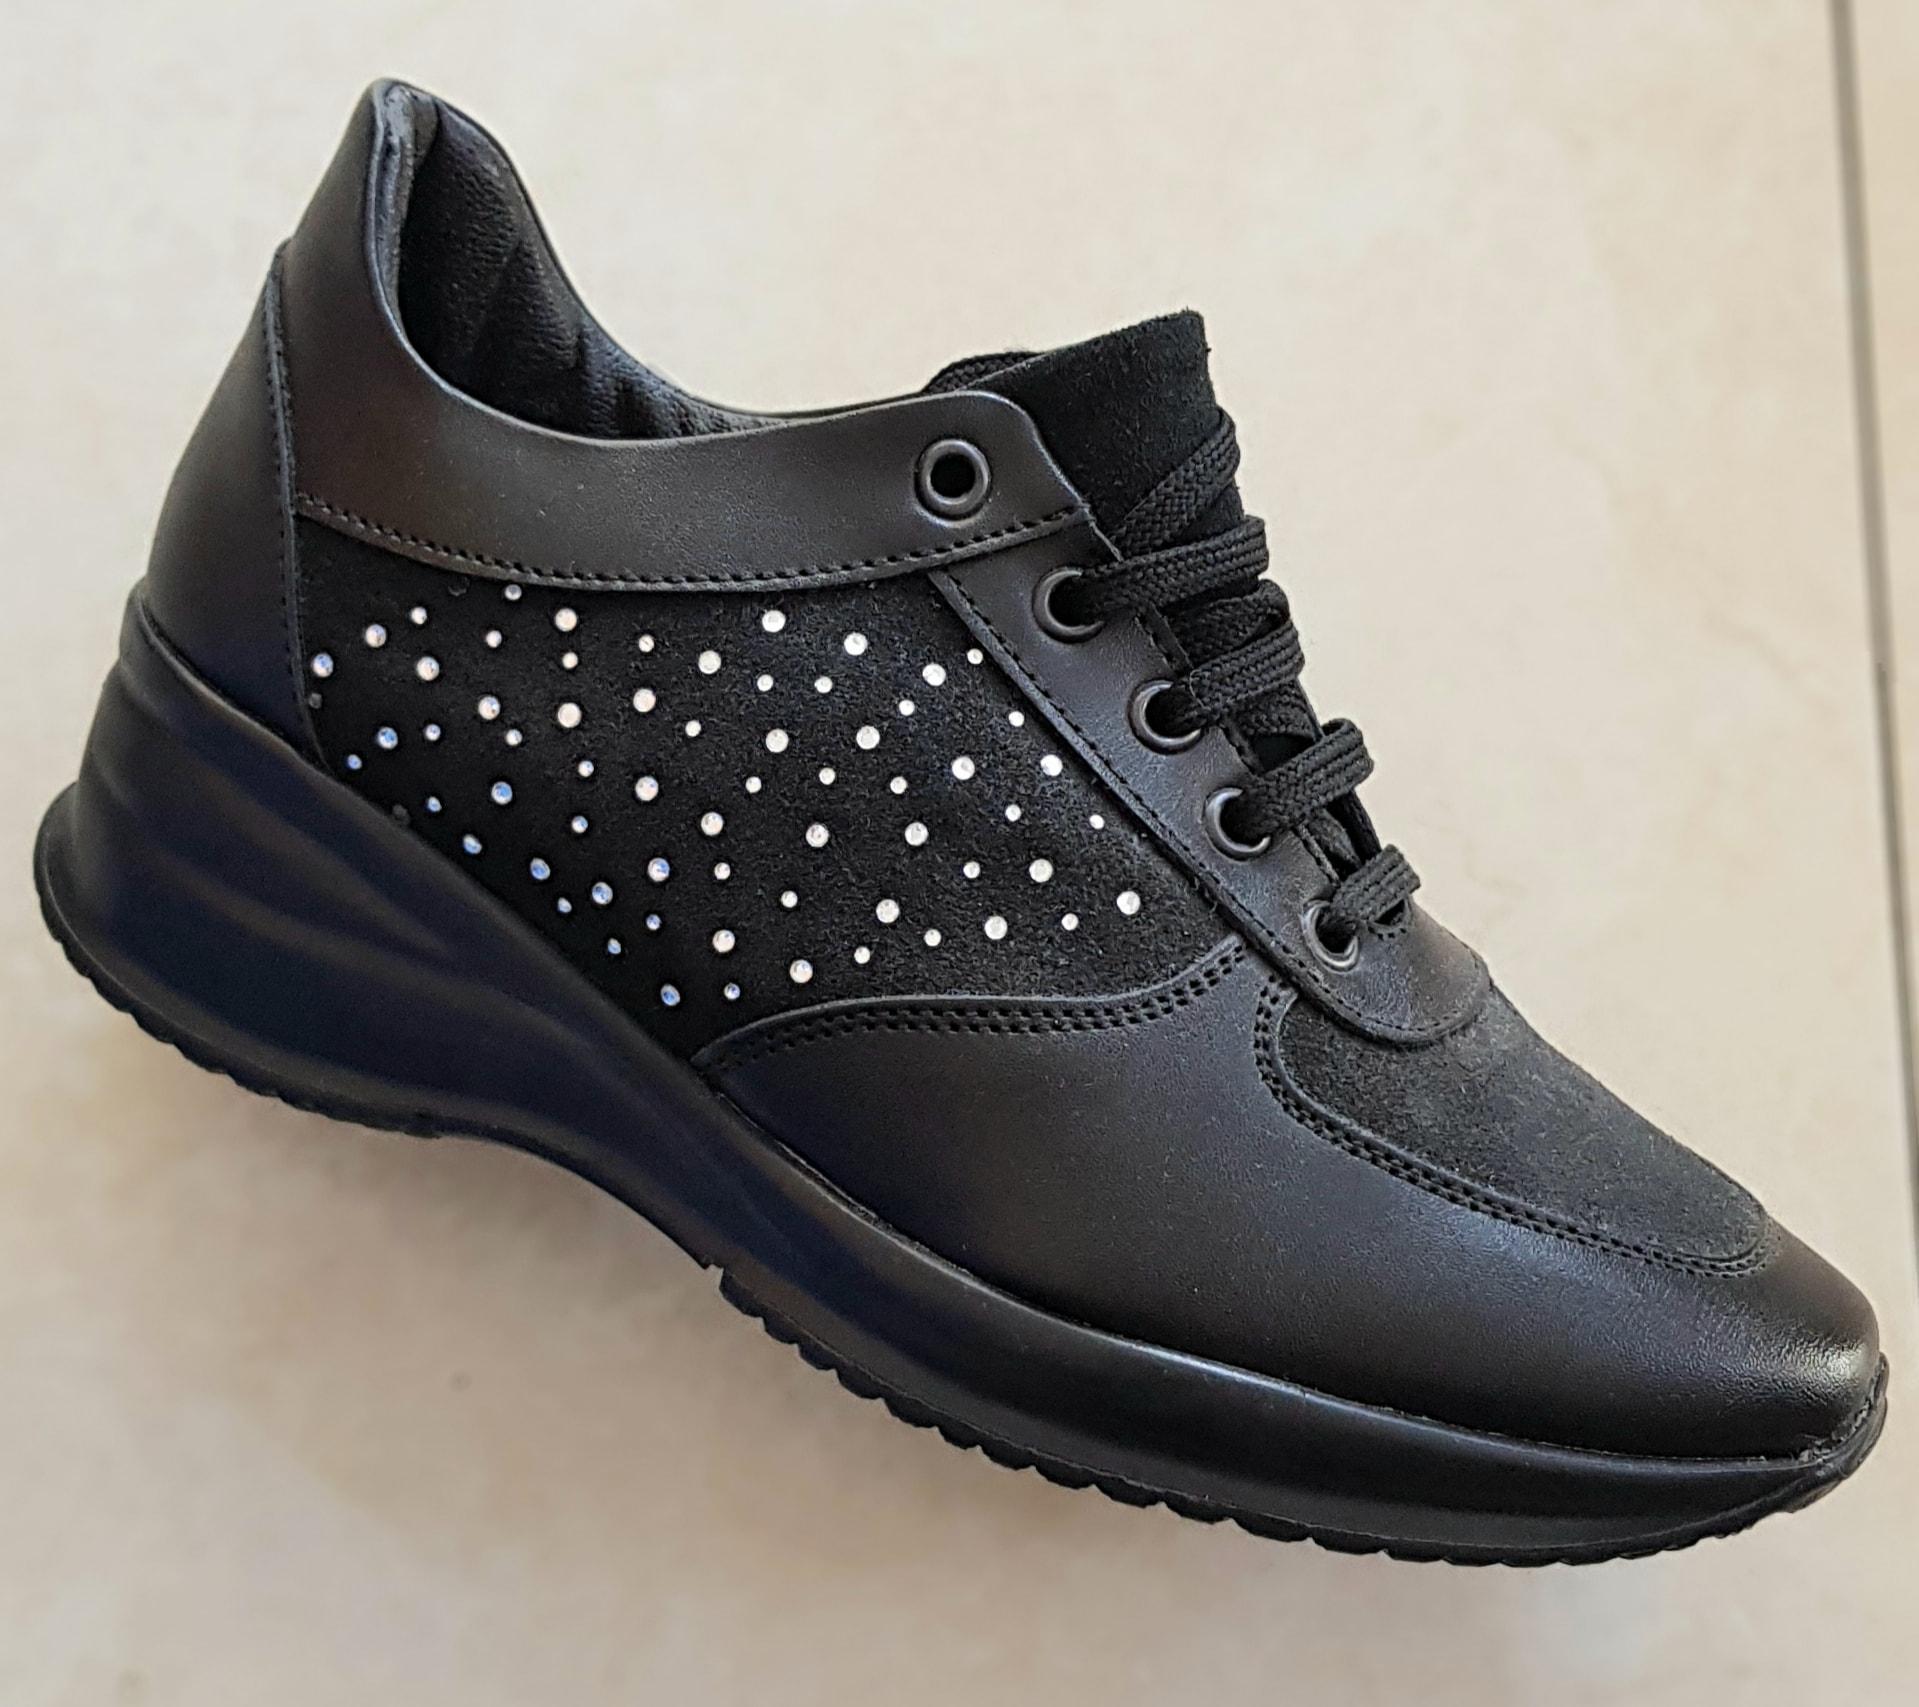 calzatura-modello-hogan-donna-con-strass-col-nero